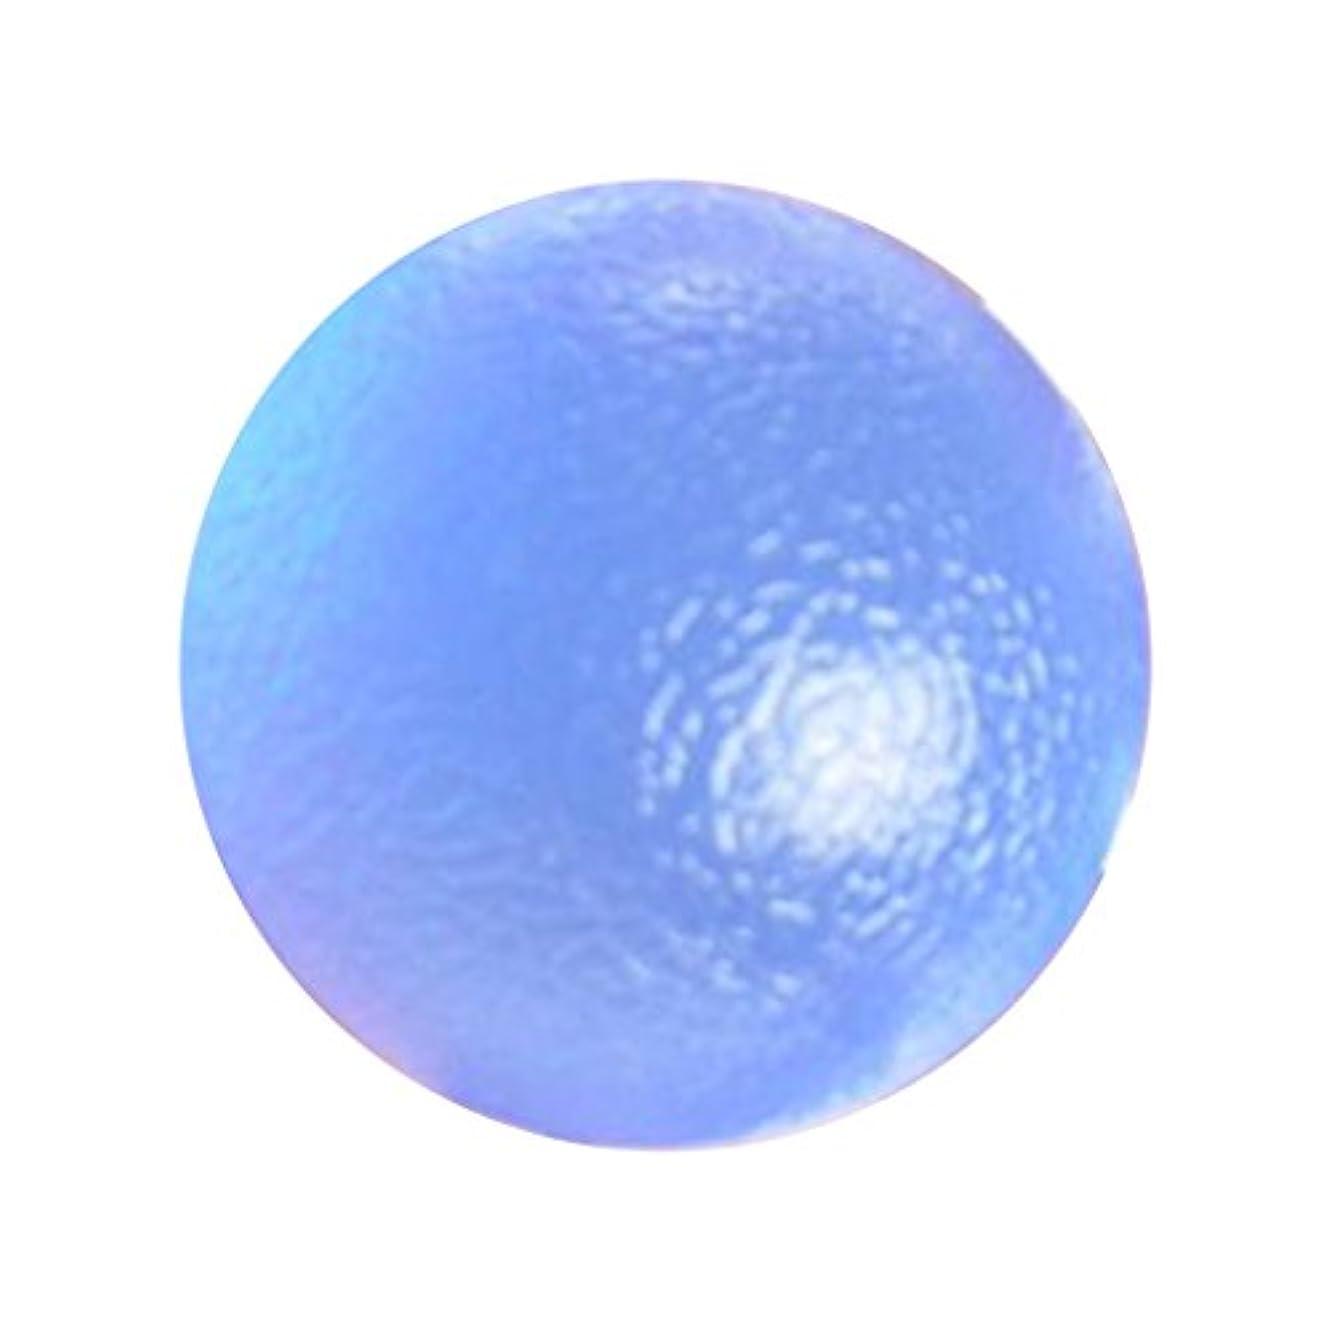 素晴らしい良い多くの終了する理論グリップボール マッサージ ボール エクササイザ ポケットサイズ TPR 運動 便利 3タイプ選べ - ブルーハード, 説明したように